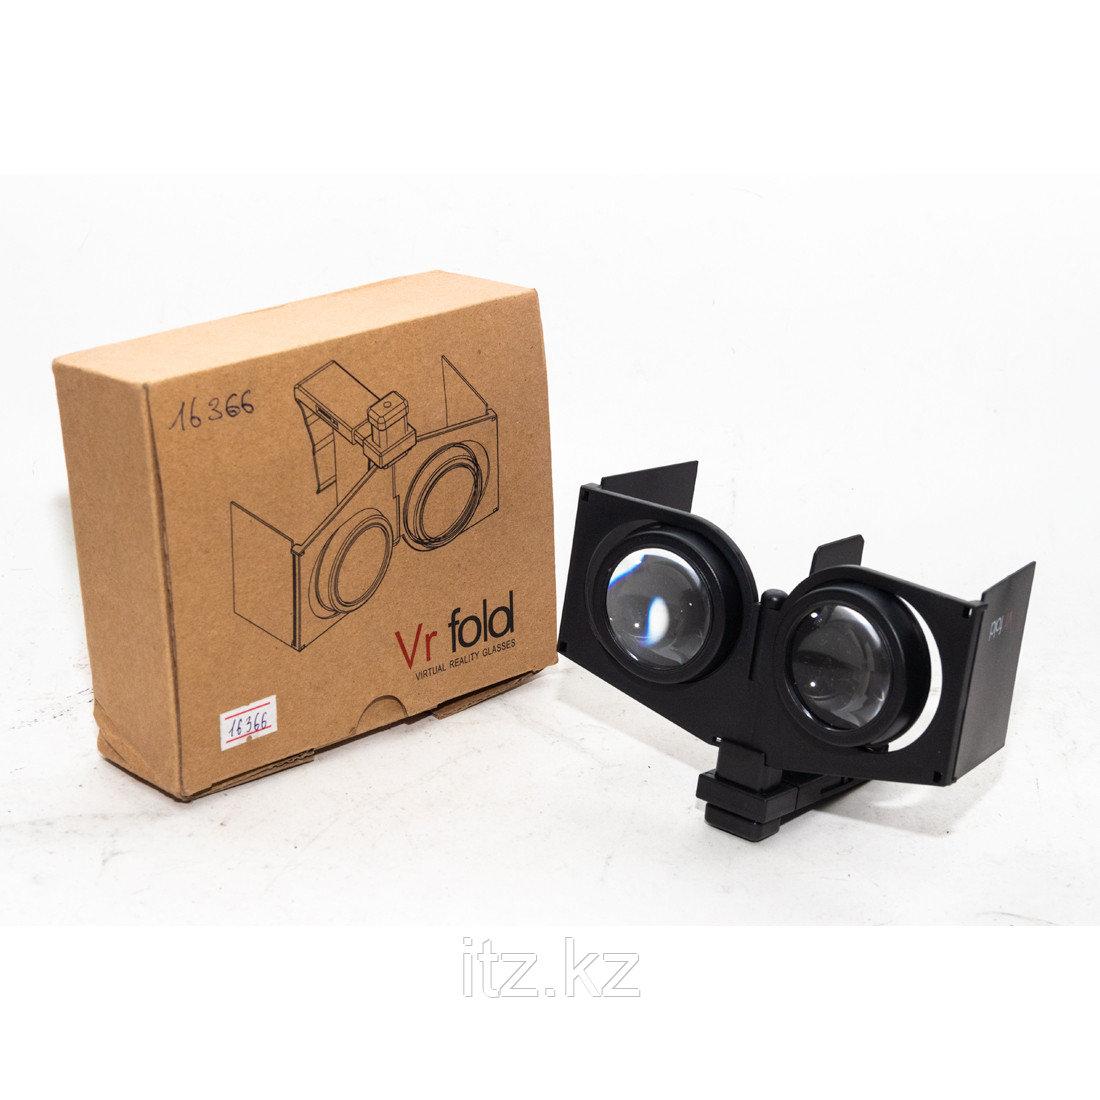 Очки виртуальной реальности G01, чёрные